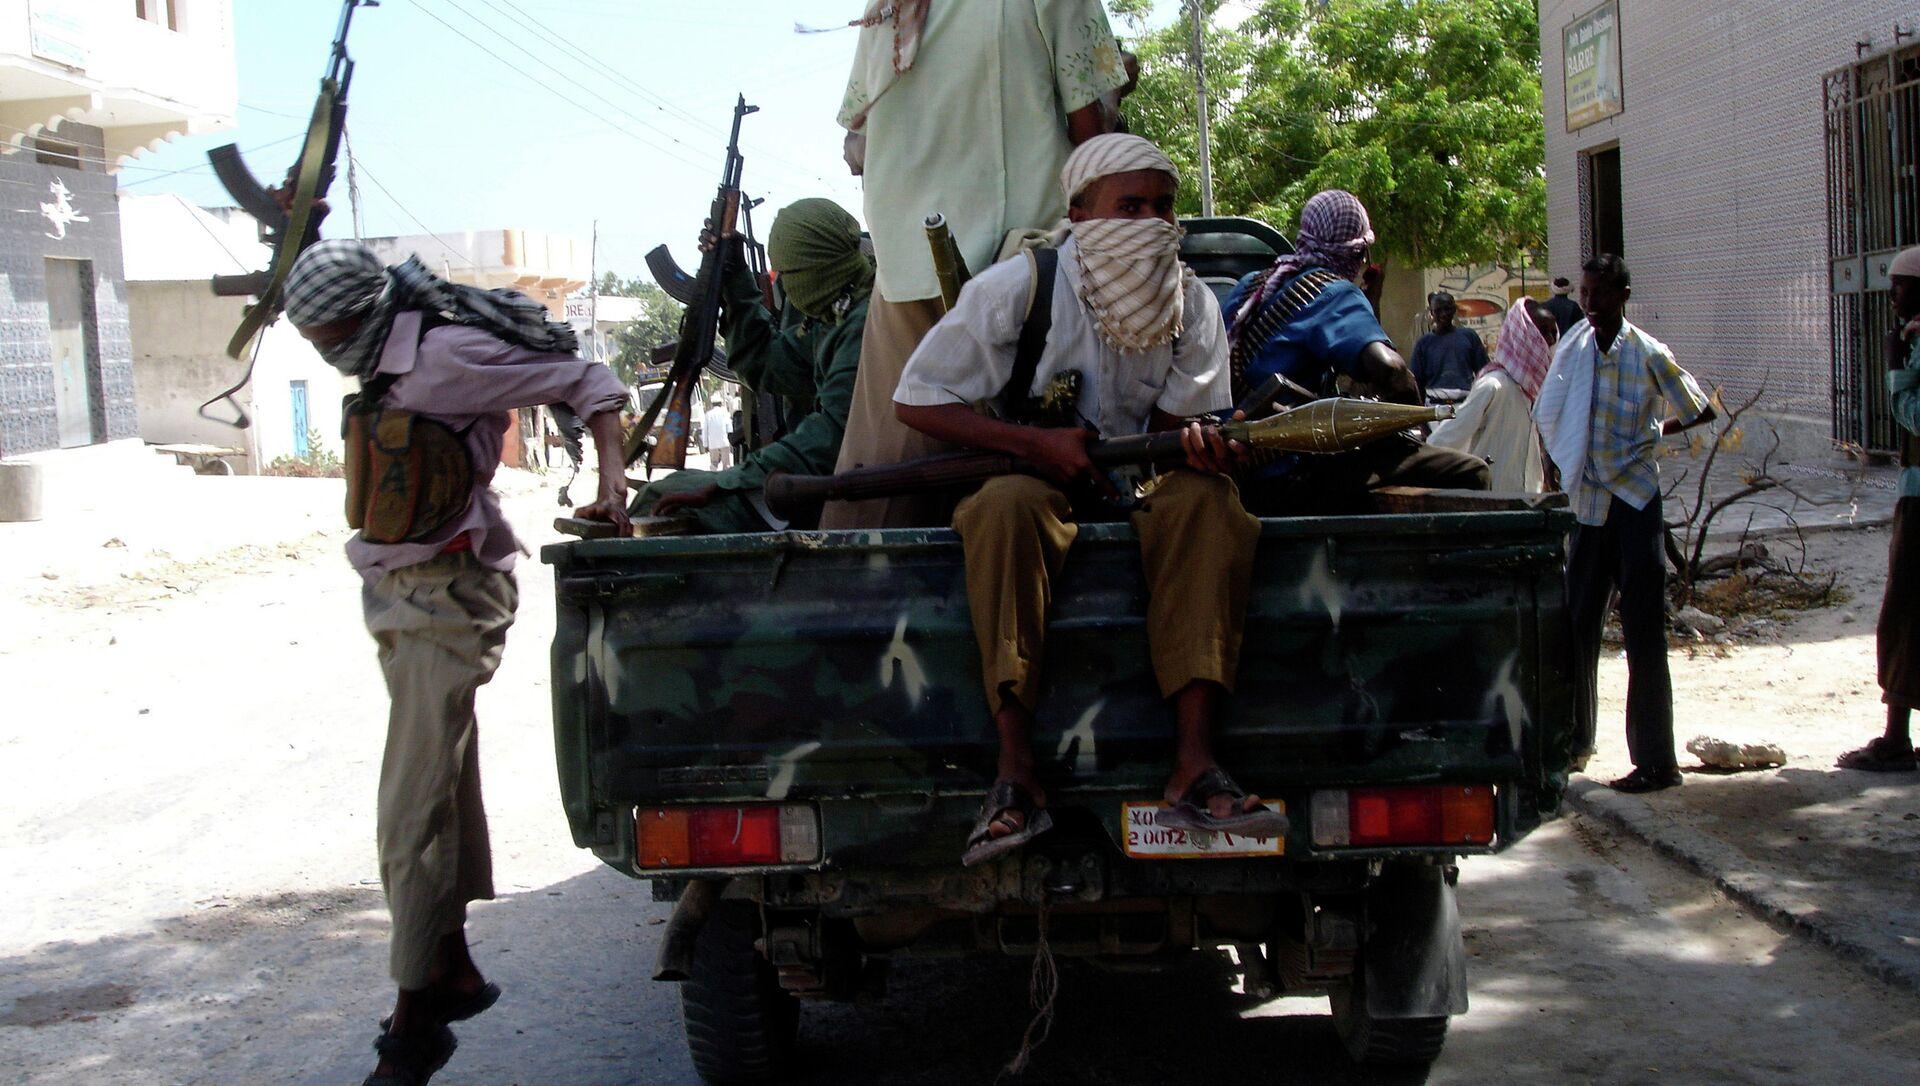 Les USA attaquent des positions du groupe terroriste Al-Shabbaab en Somalie - Sputnik France, 1920, 19.07.2021